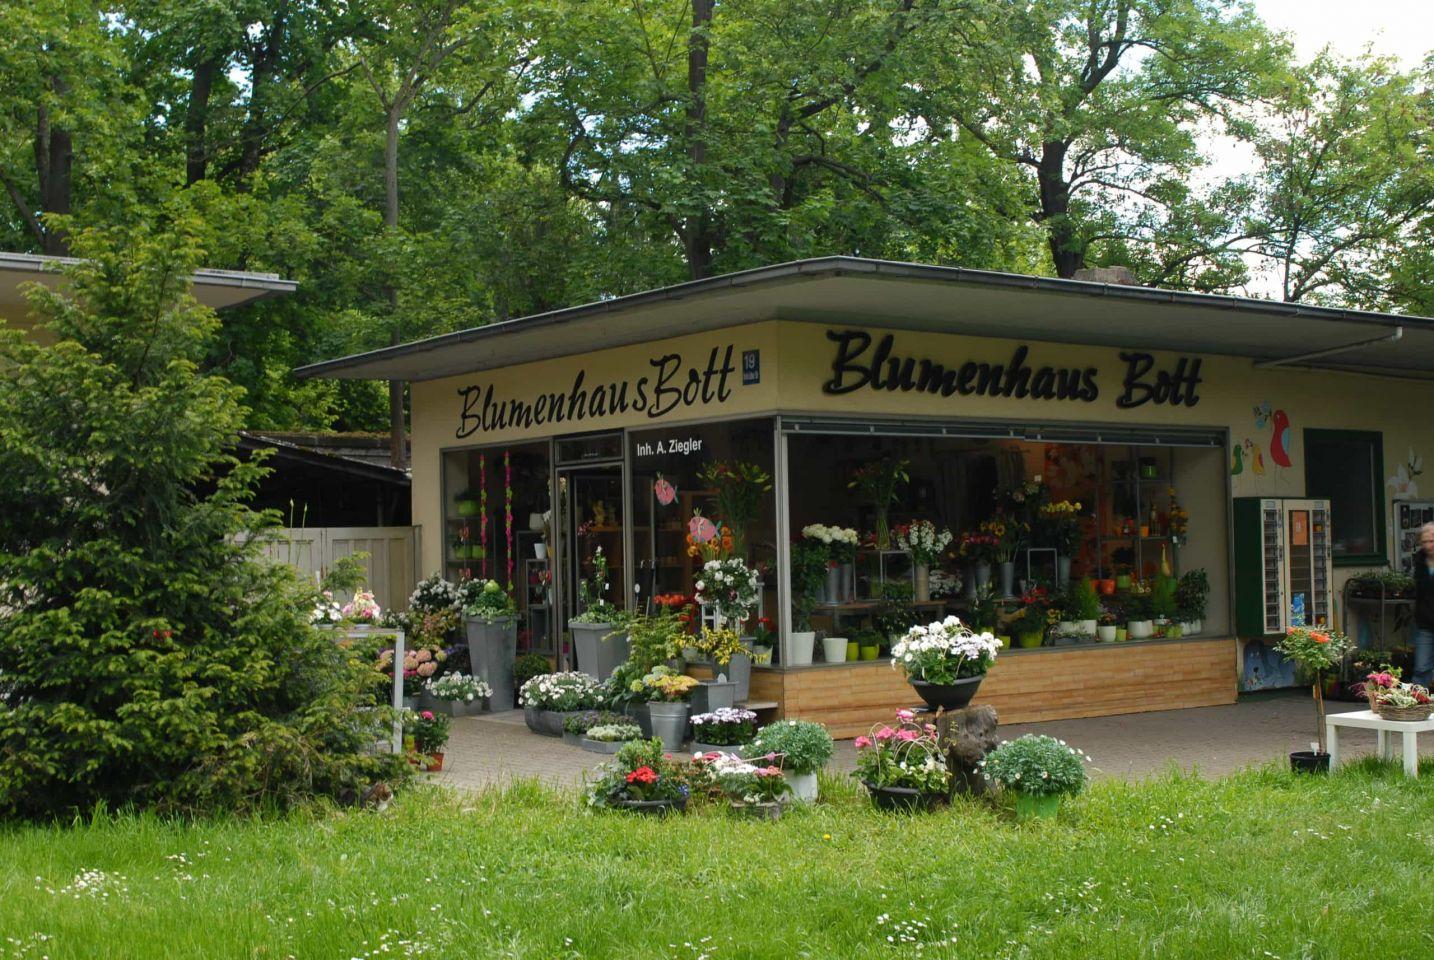 Das Blumenhaus Bott in Würzburg liefert den Frühling zu Ihnen nach Hause